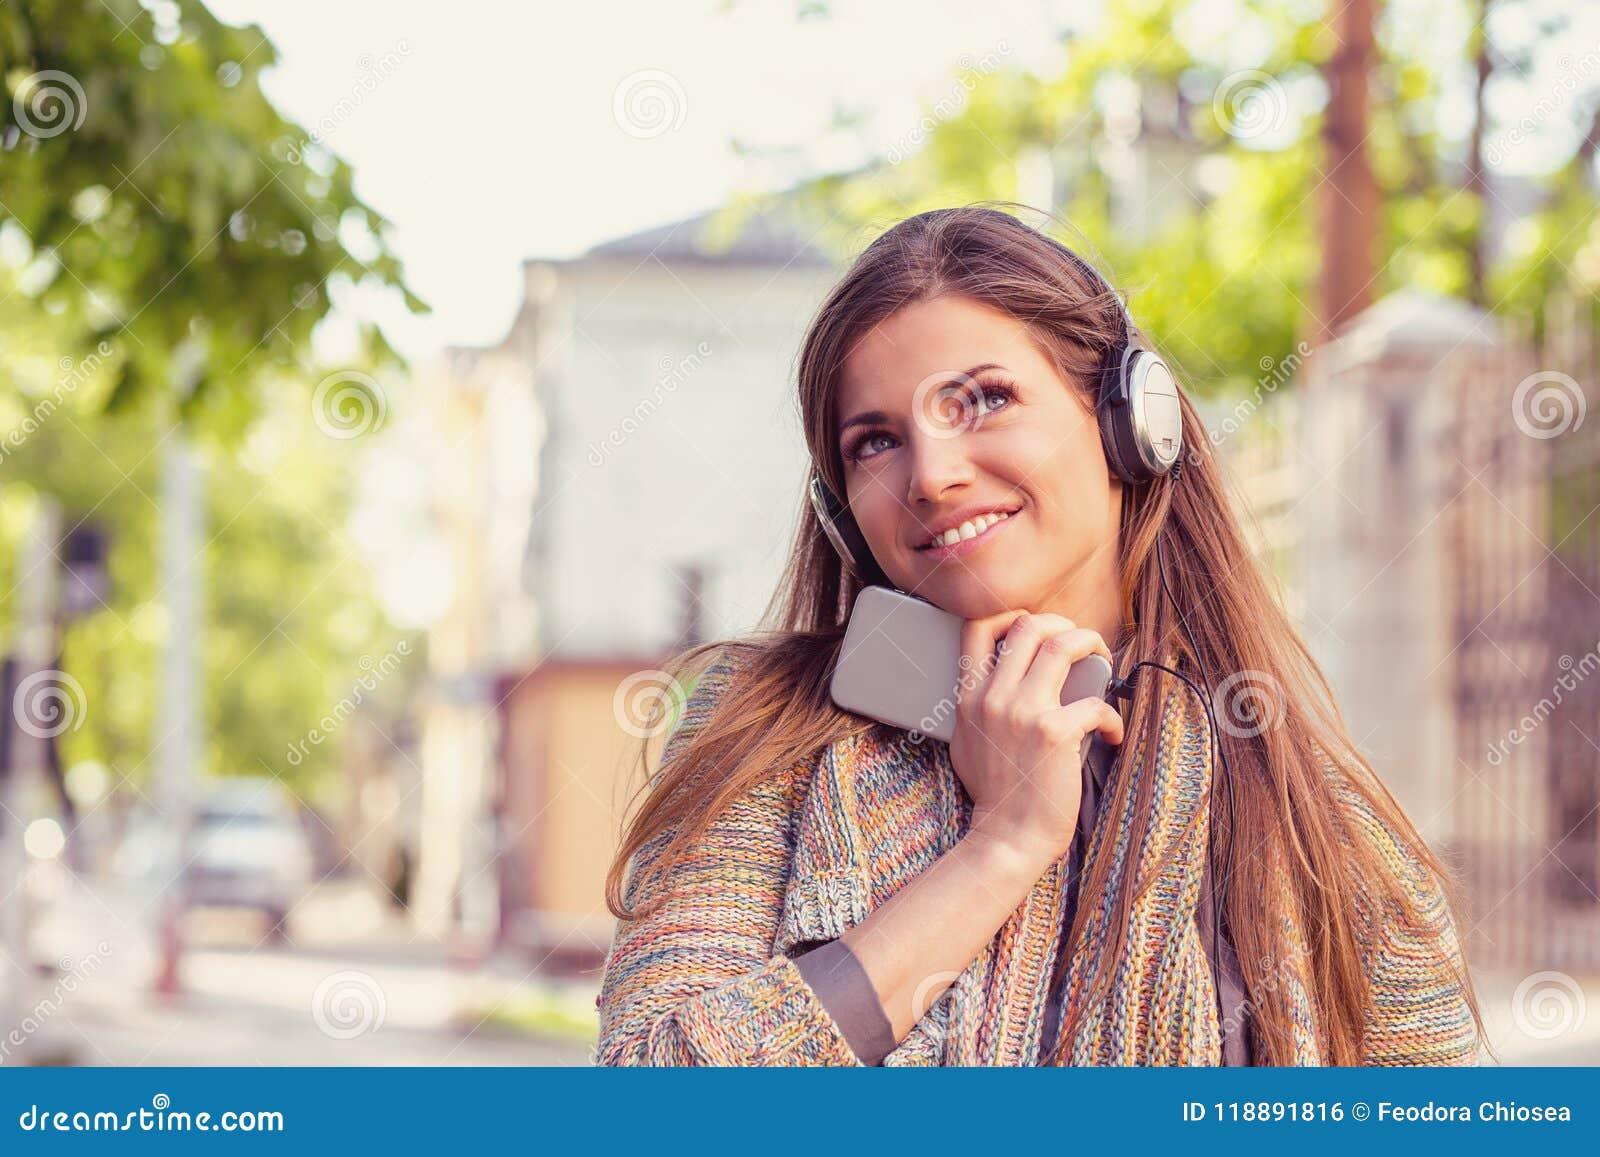 Γυναίκα αφηρημάδας που ακούει τη μουσική σε ένα έξυπνο τηλέφωνο που περπατά κάτω από την οδό ηλιόλουστο ημερησίως φθινοπώρου